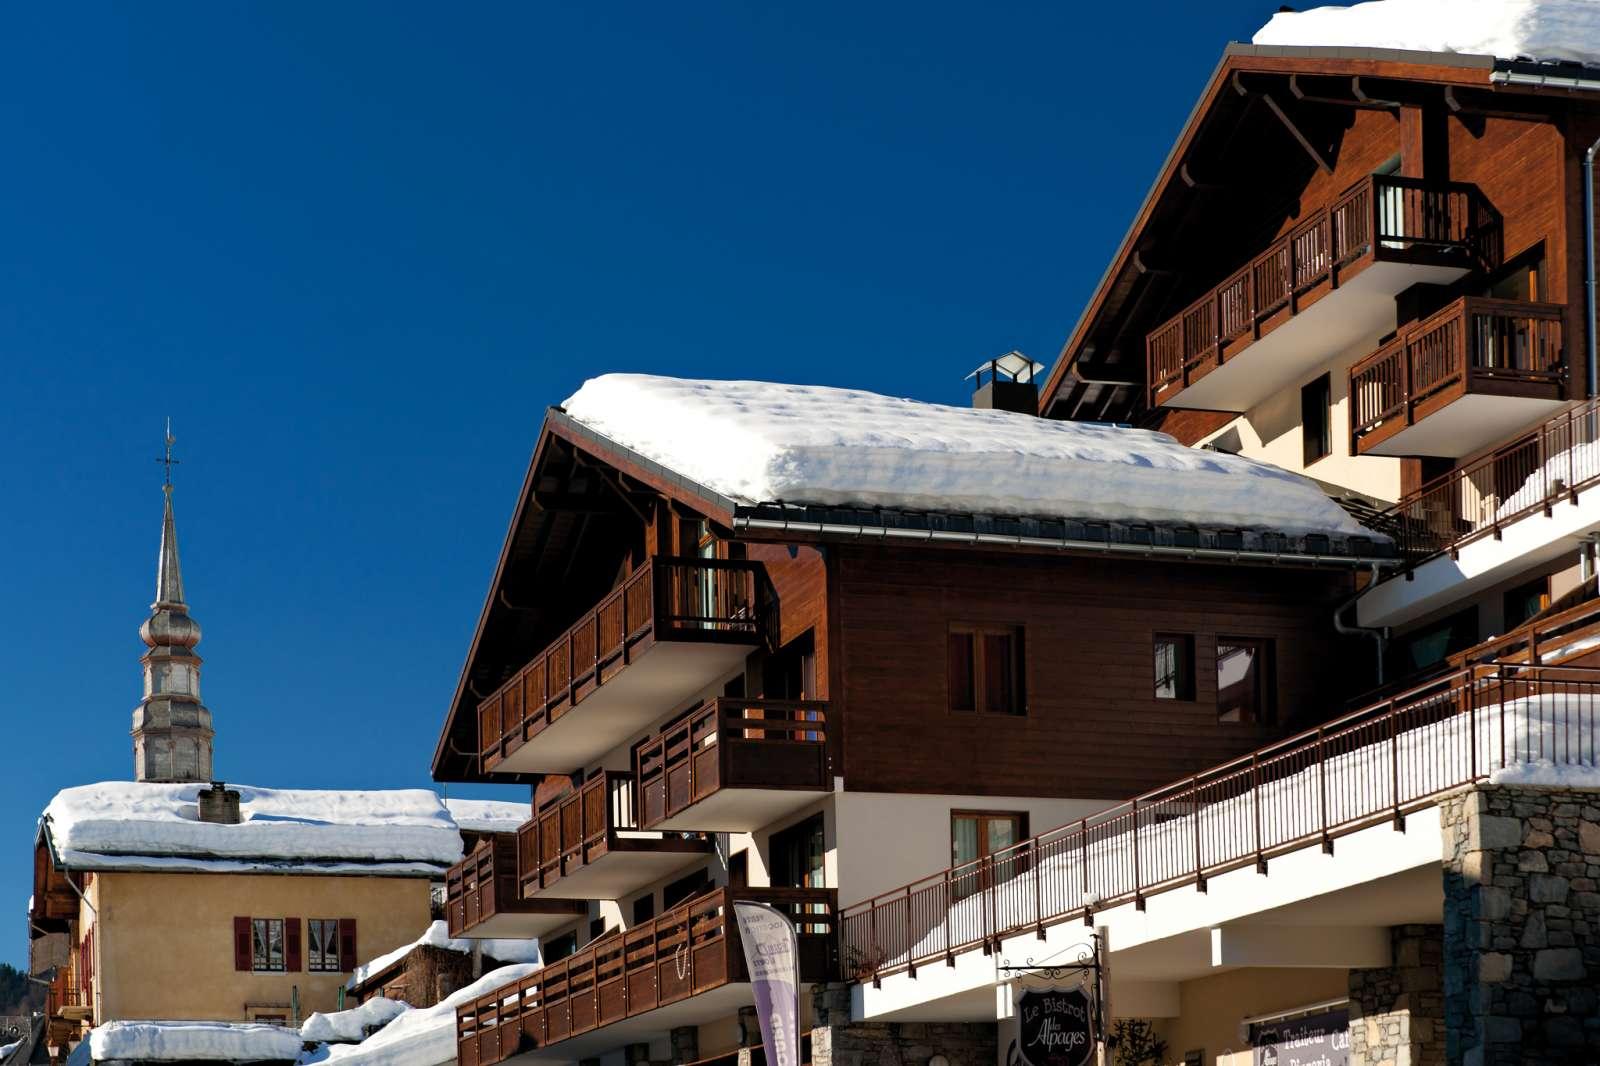 France - Alpes - Les Saisies - Résidence Lagrange Vacances Les Chalets du Mont Blanc